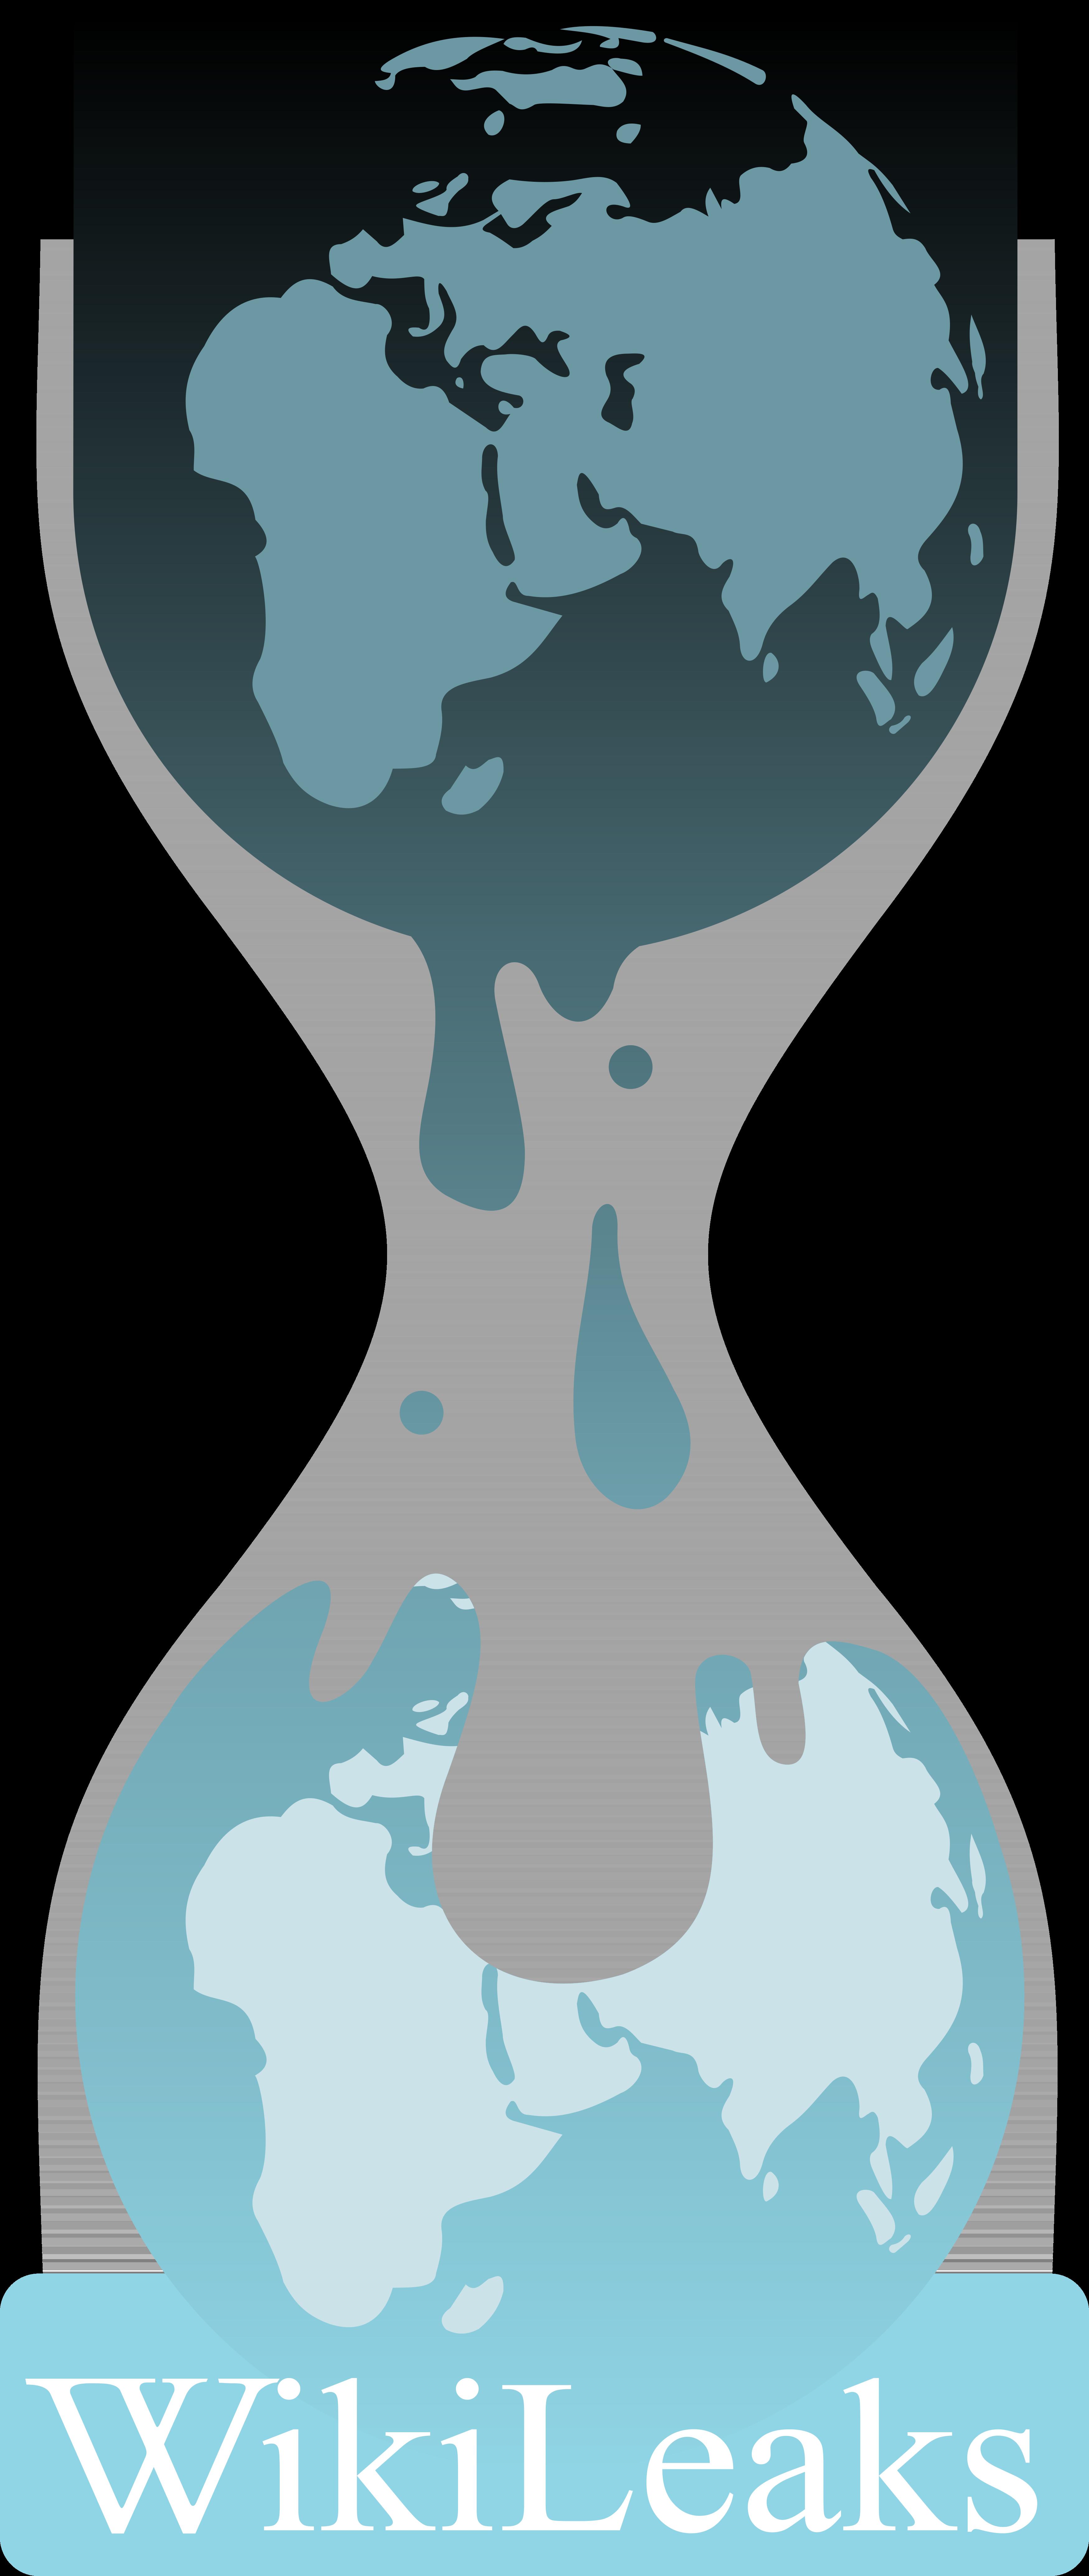 wikileaks logo - WikiLeaks Logo